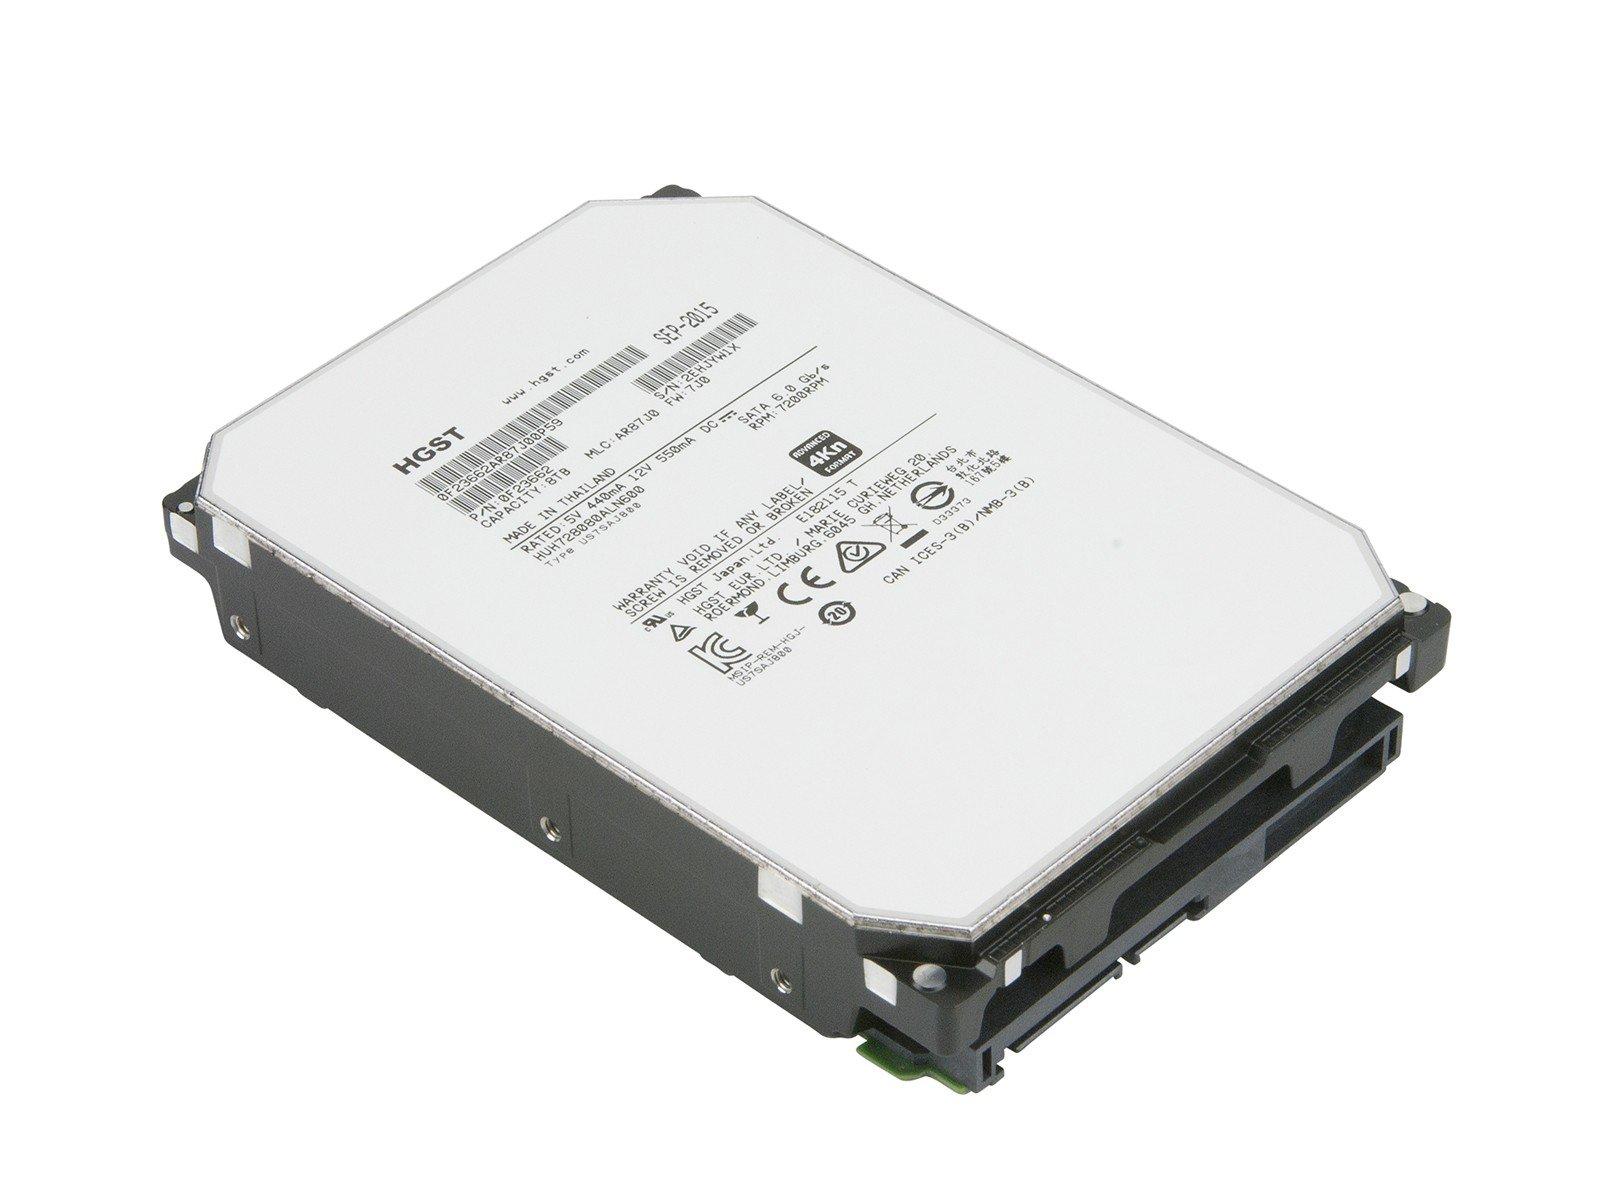 HGST HUH728080ALN600 8 TB 3.5'' Internal Hard Drive - SATA - 7200 rpm - 128 MB Buffer - 0F23662